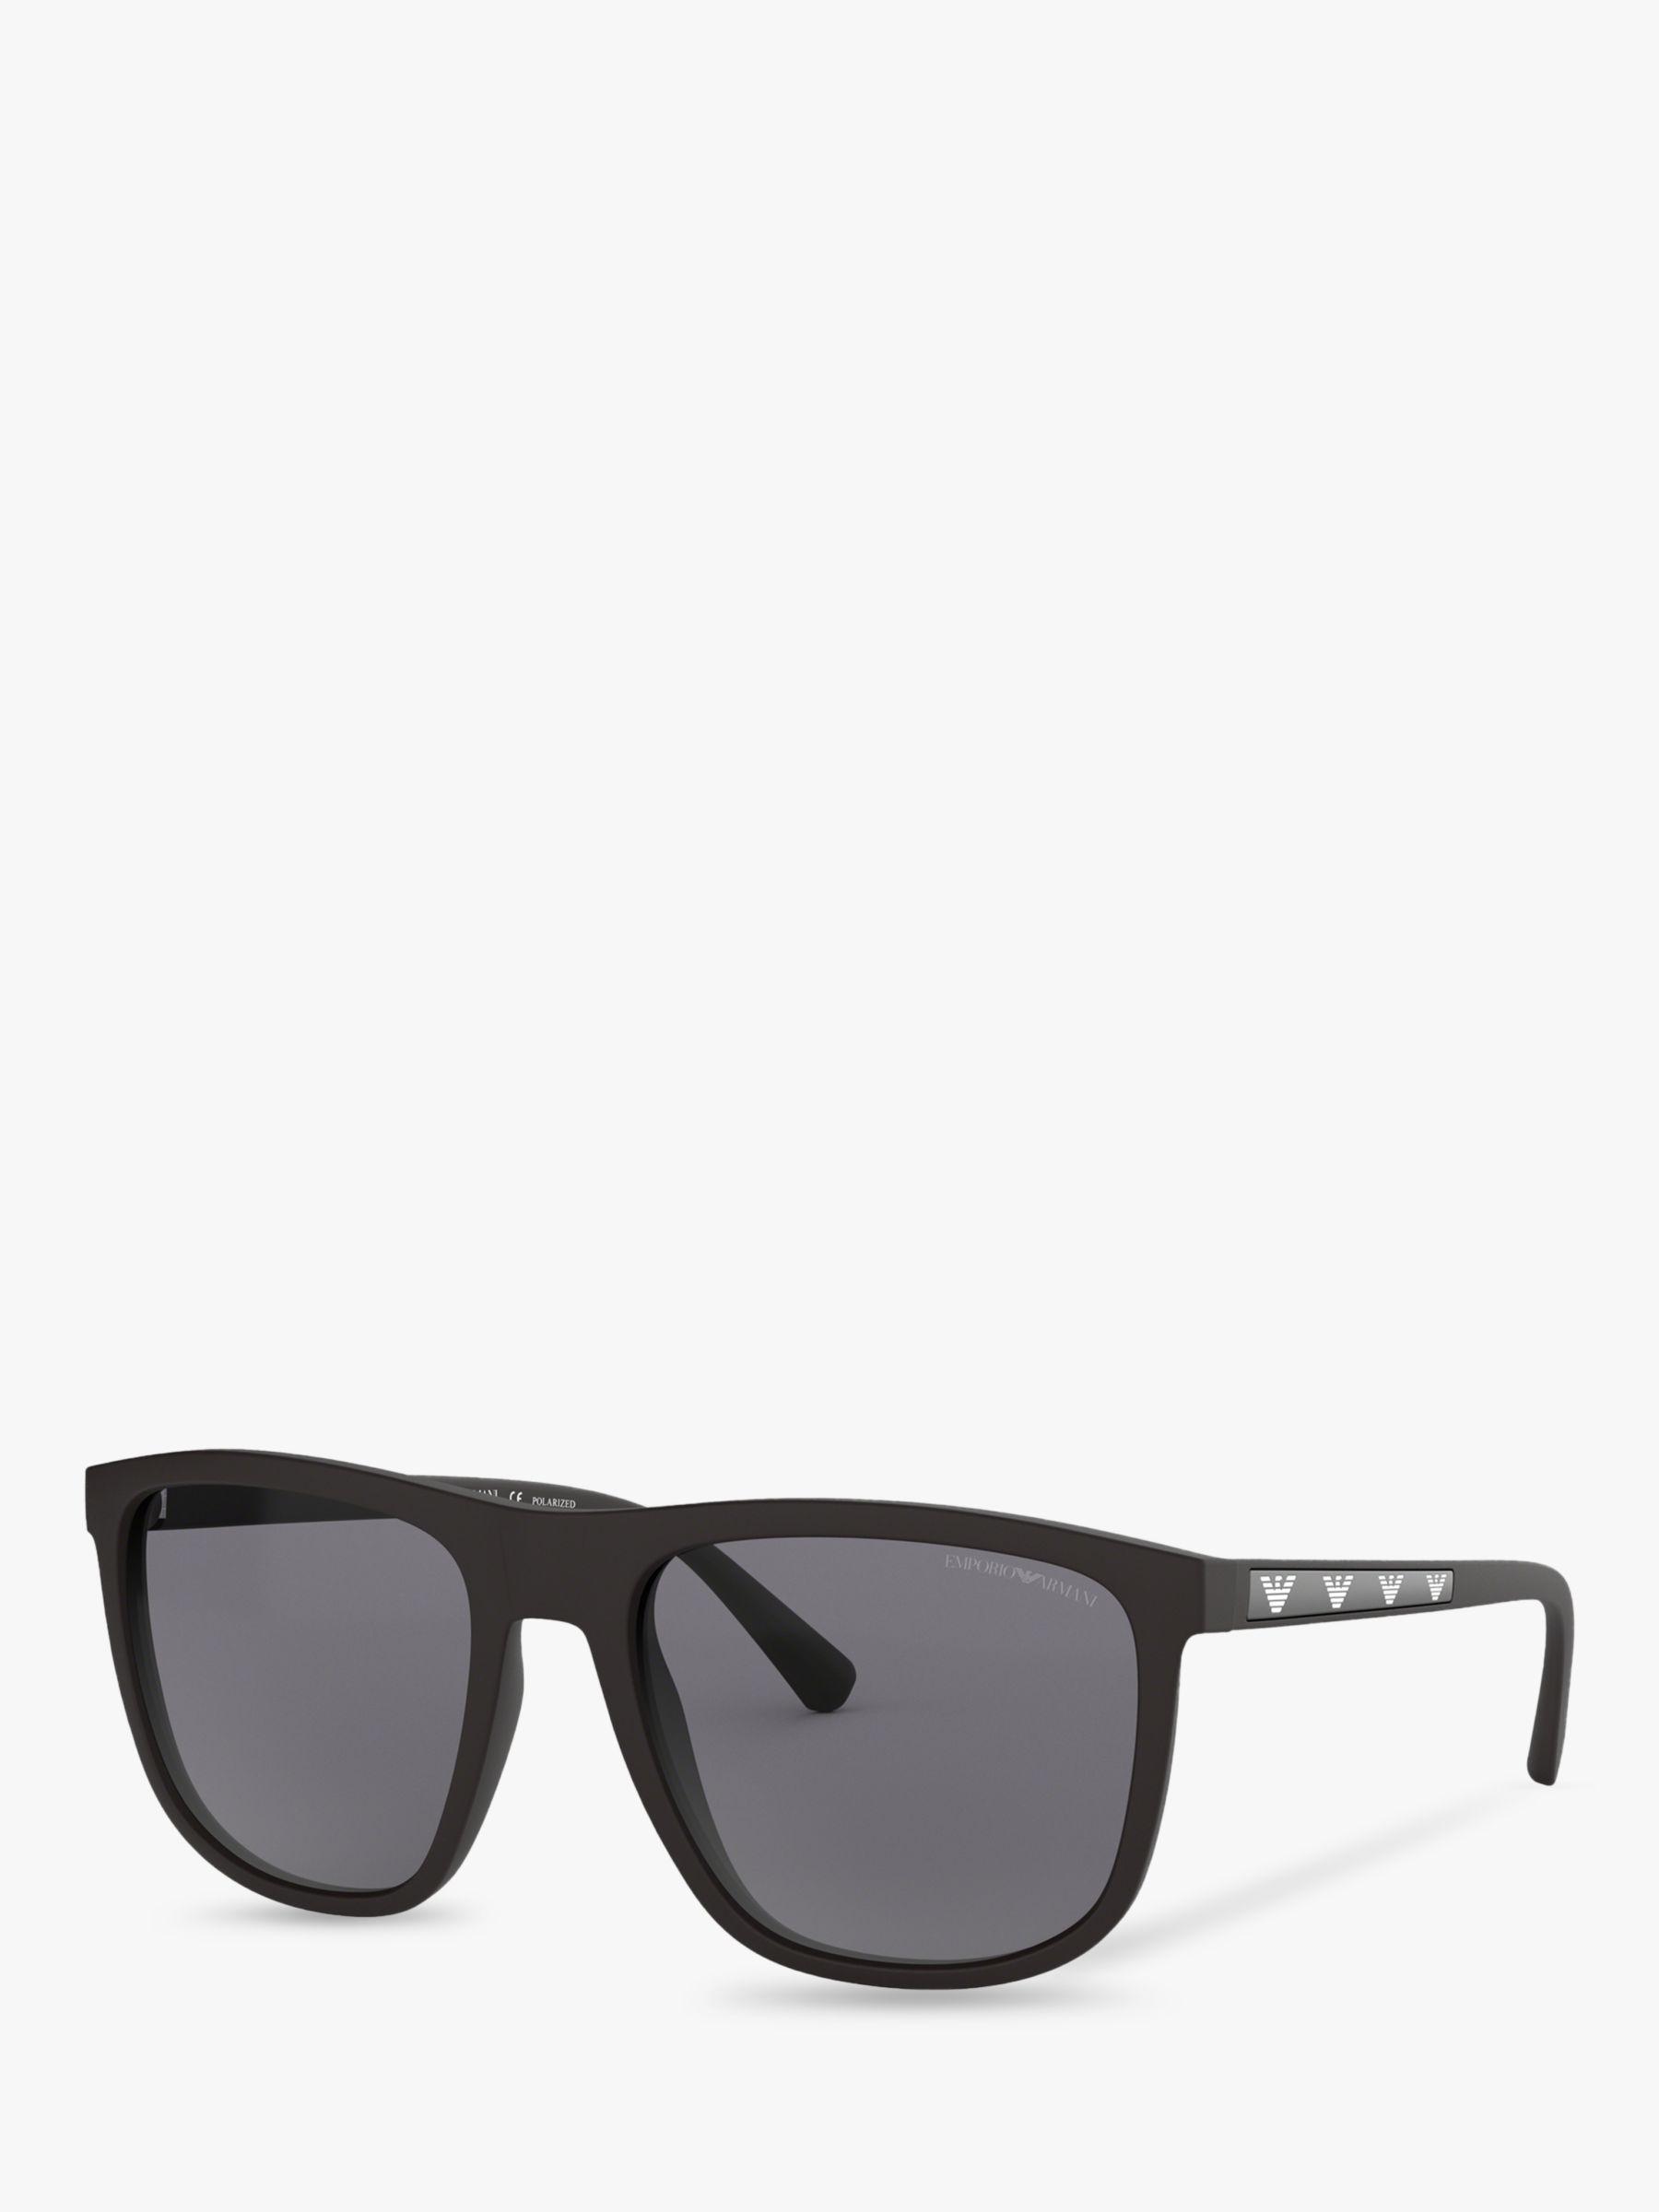 add596a5fc7 Emporio Armani Ea4123 Men s Square Sunglasses in Black for Men - Lyst